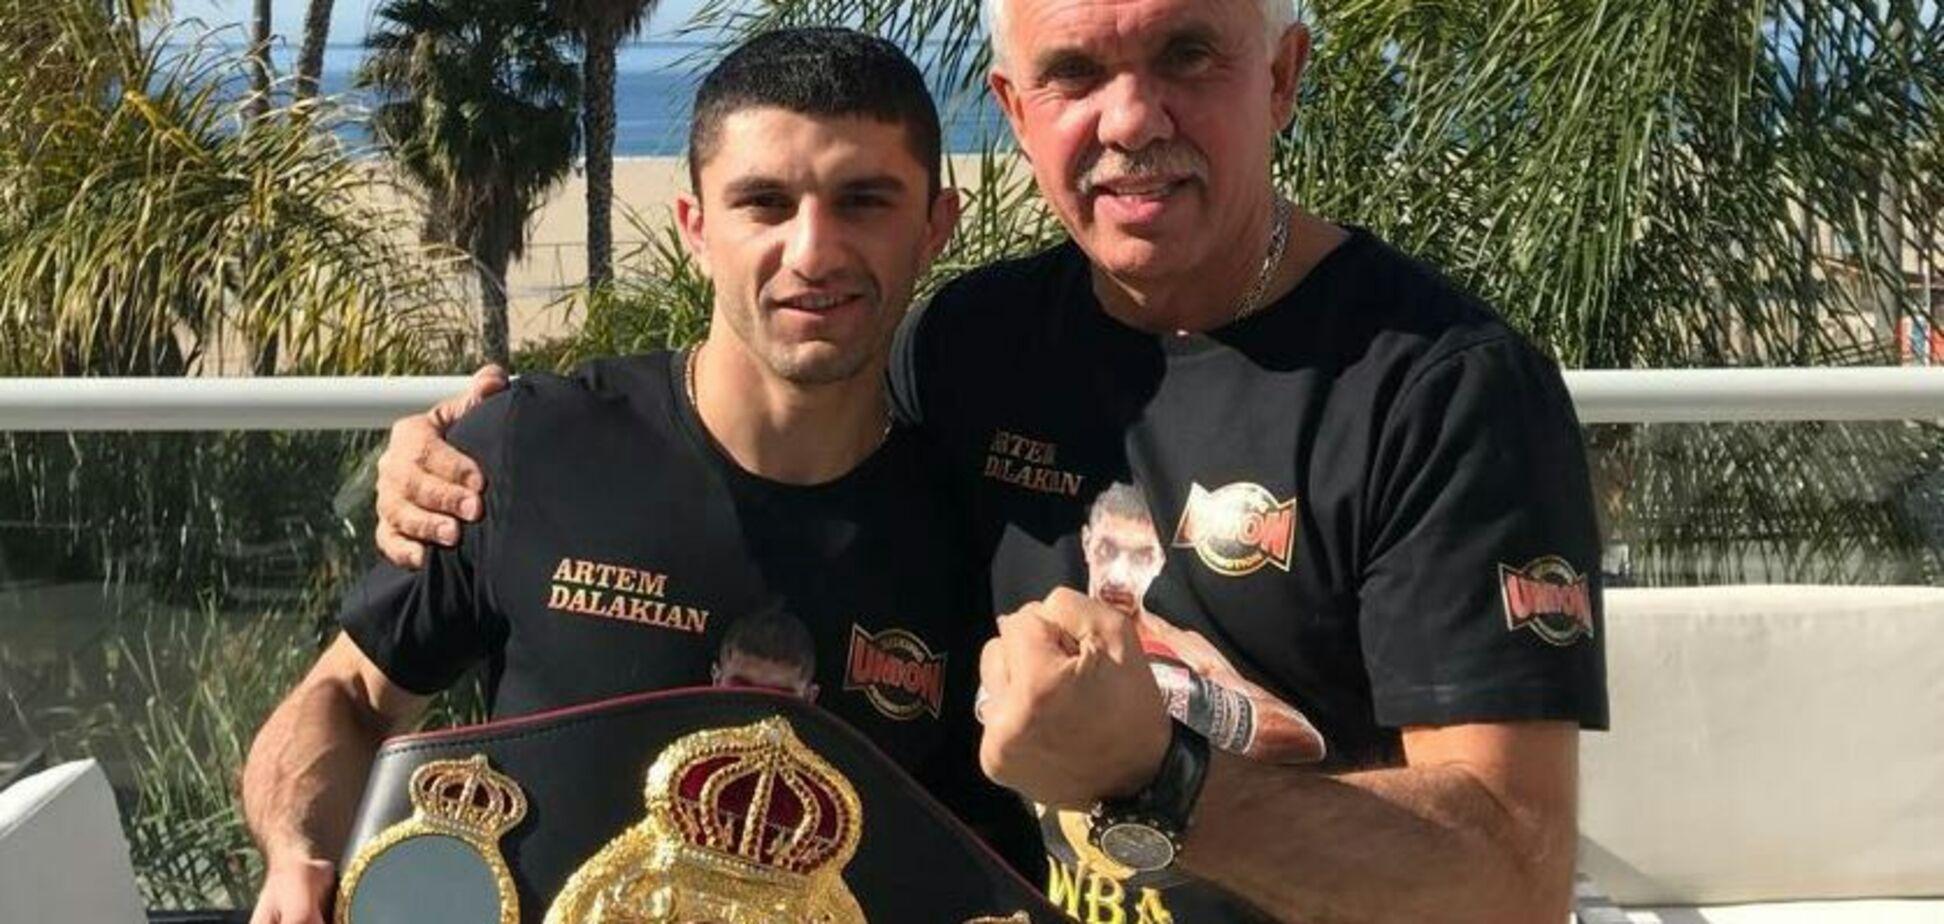 Непобедимый украинский боксер проведет уникальный чемпионский бой в Киеве